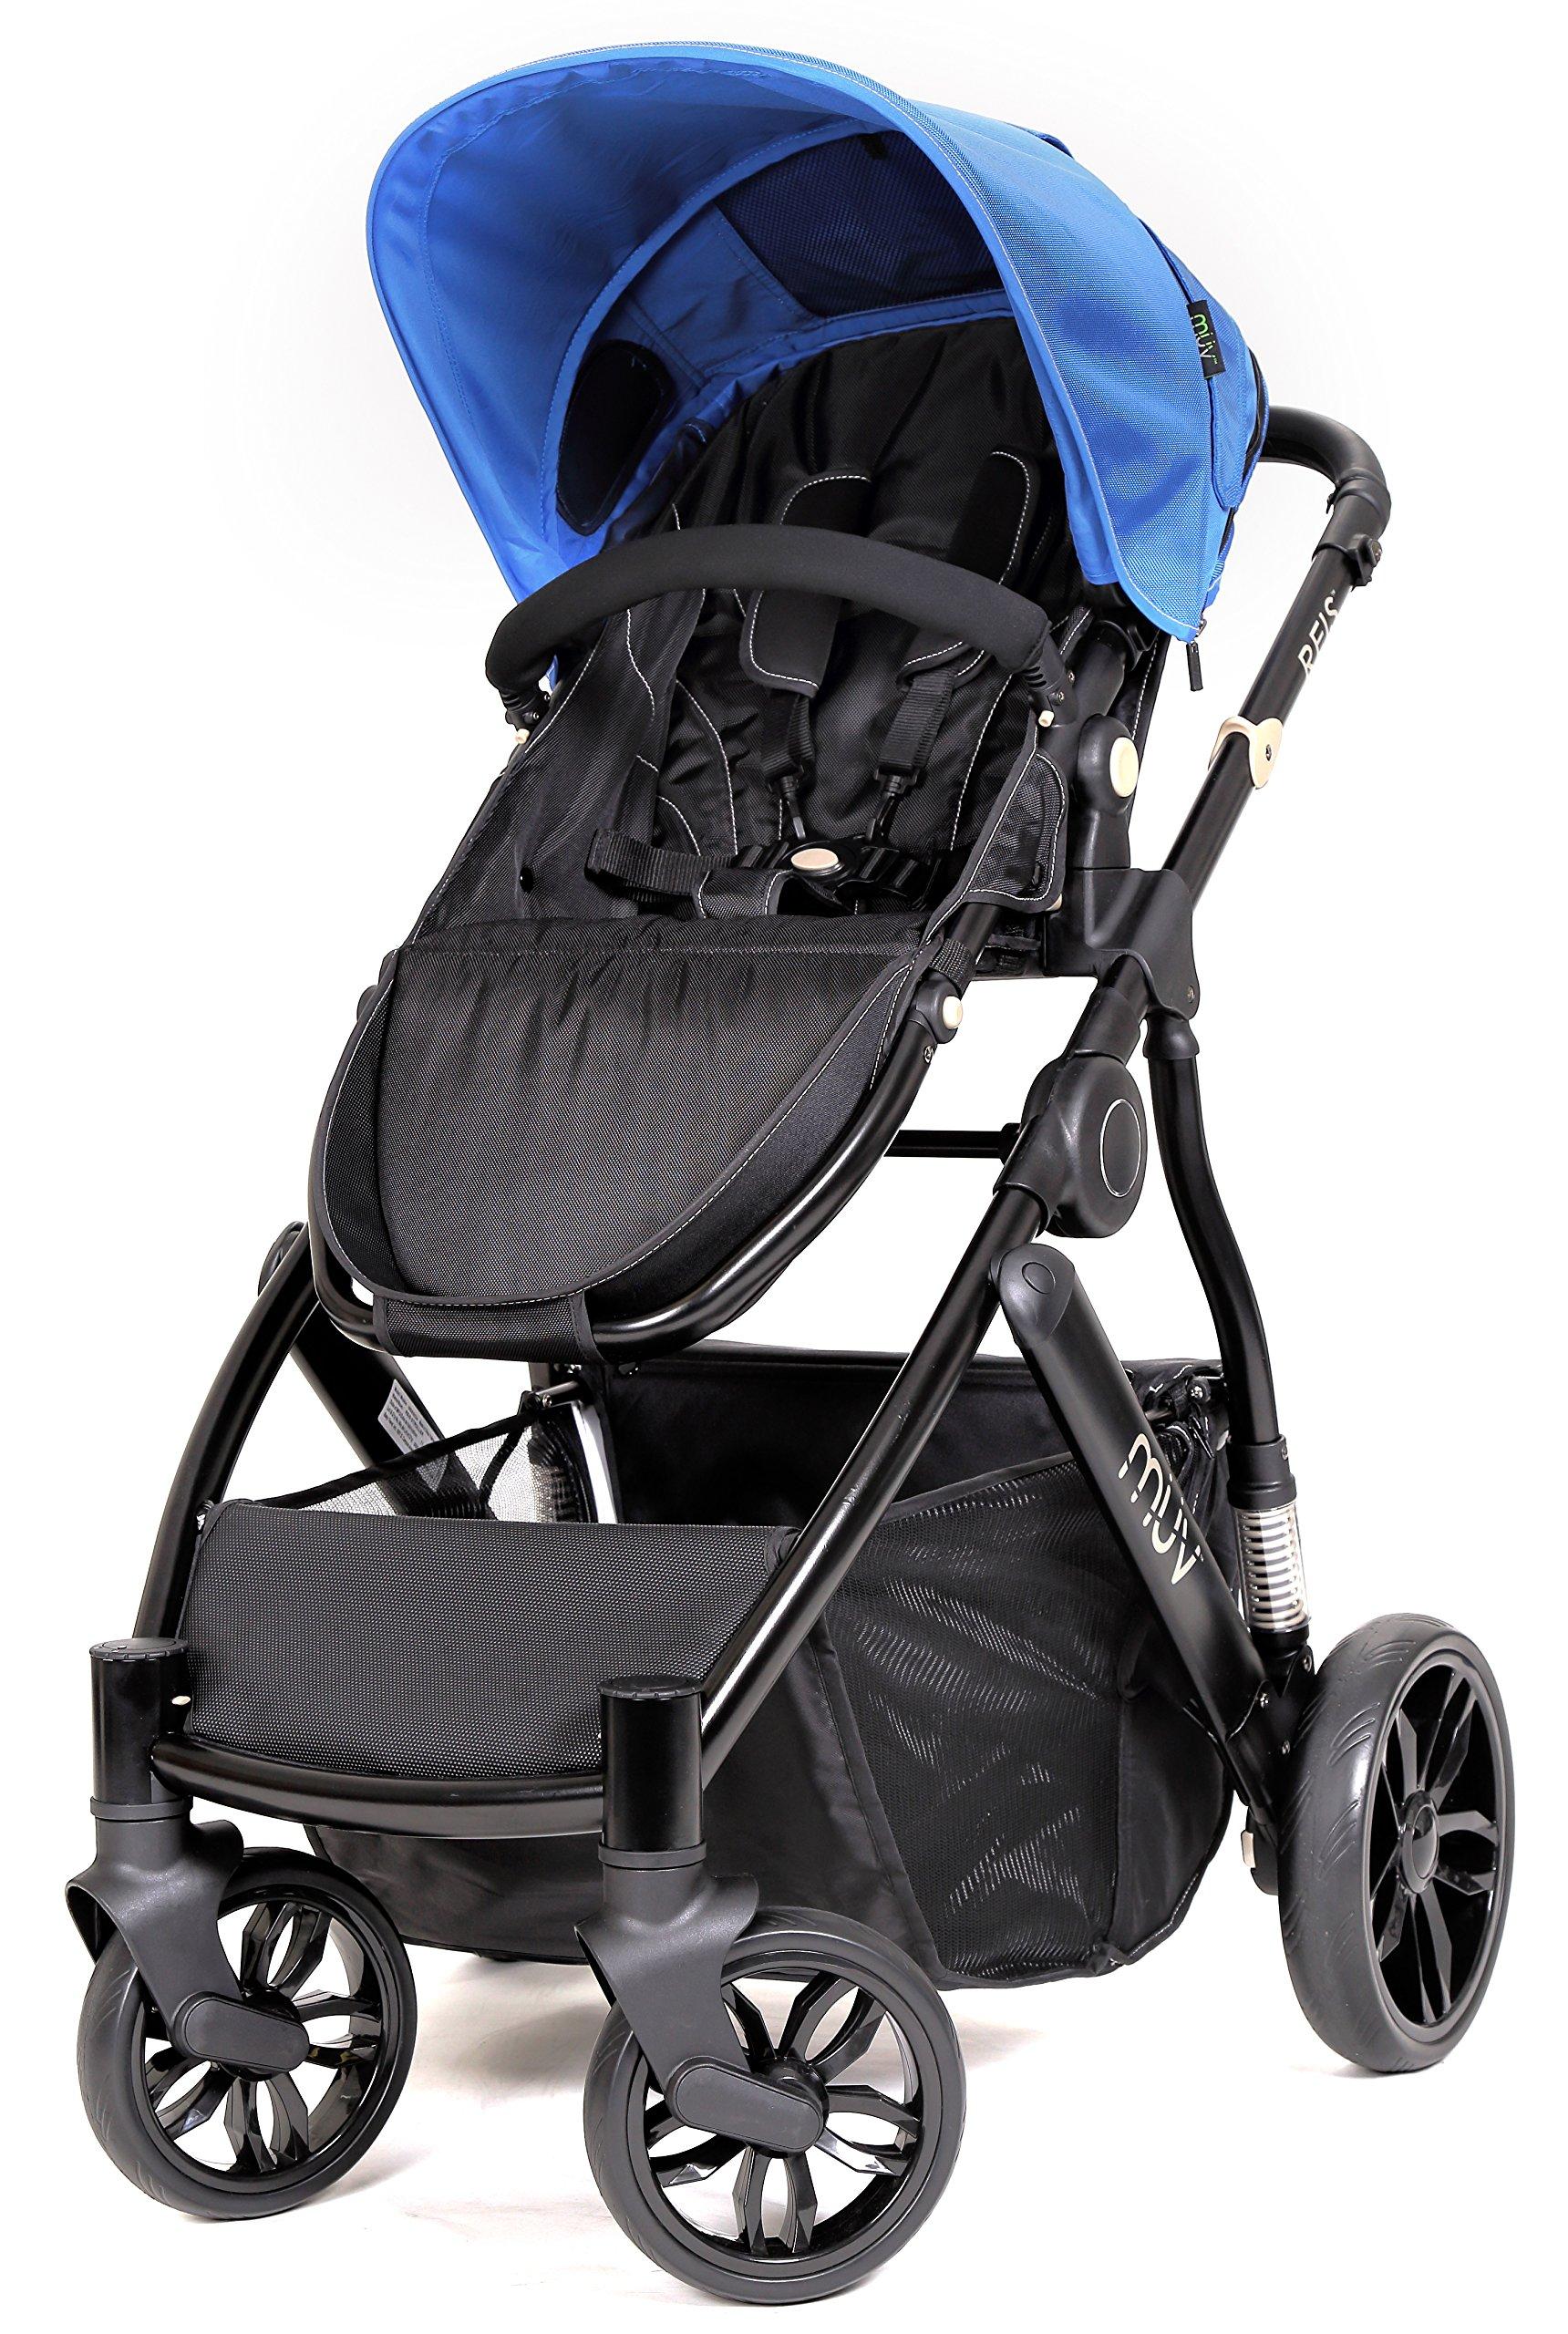 Muv Baby Trend Reis Stroller, Satin Black/Sky